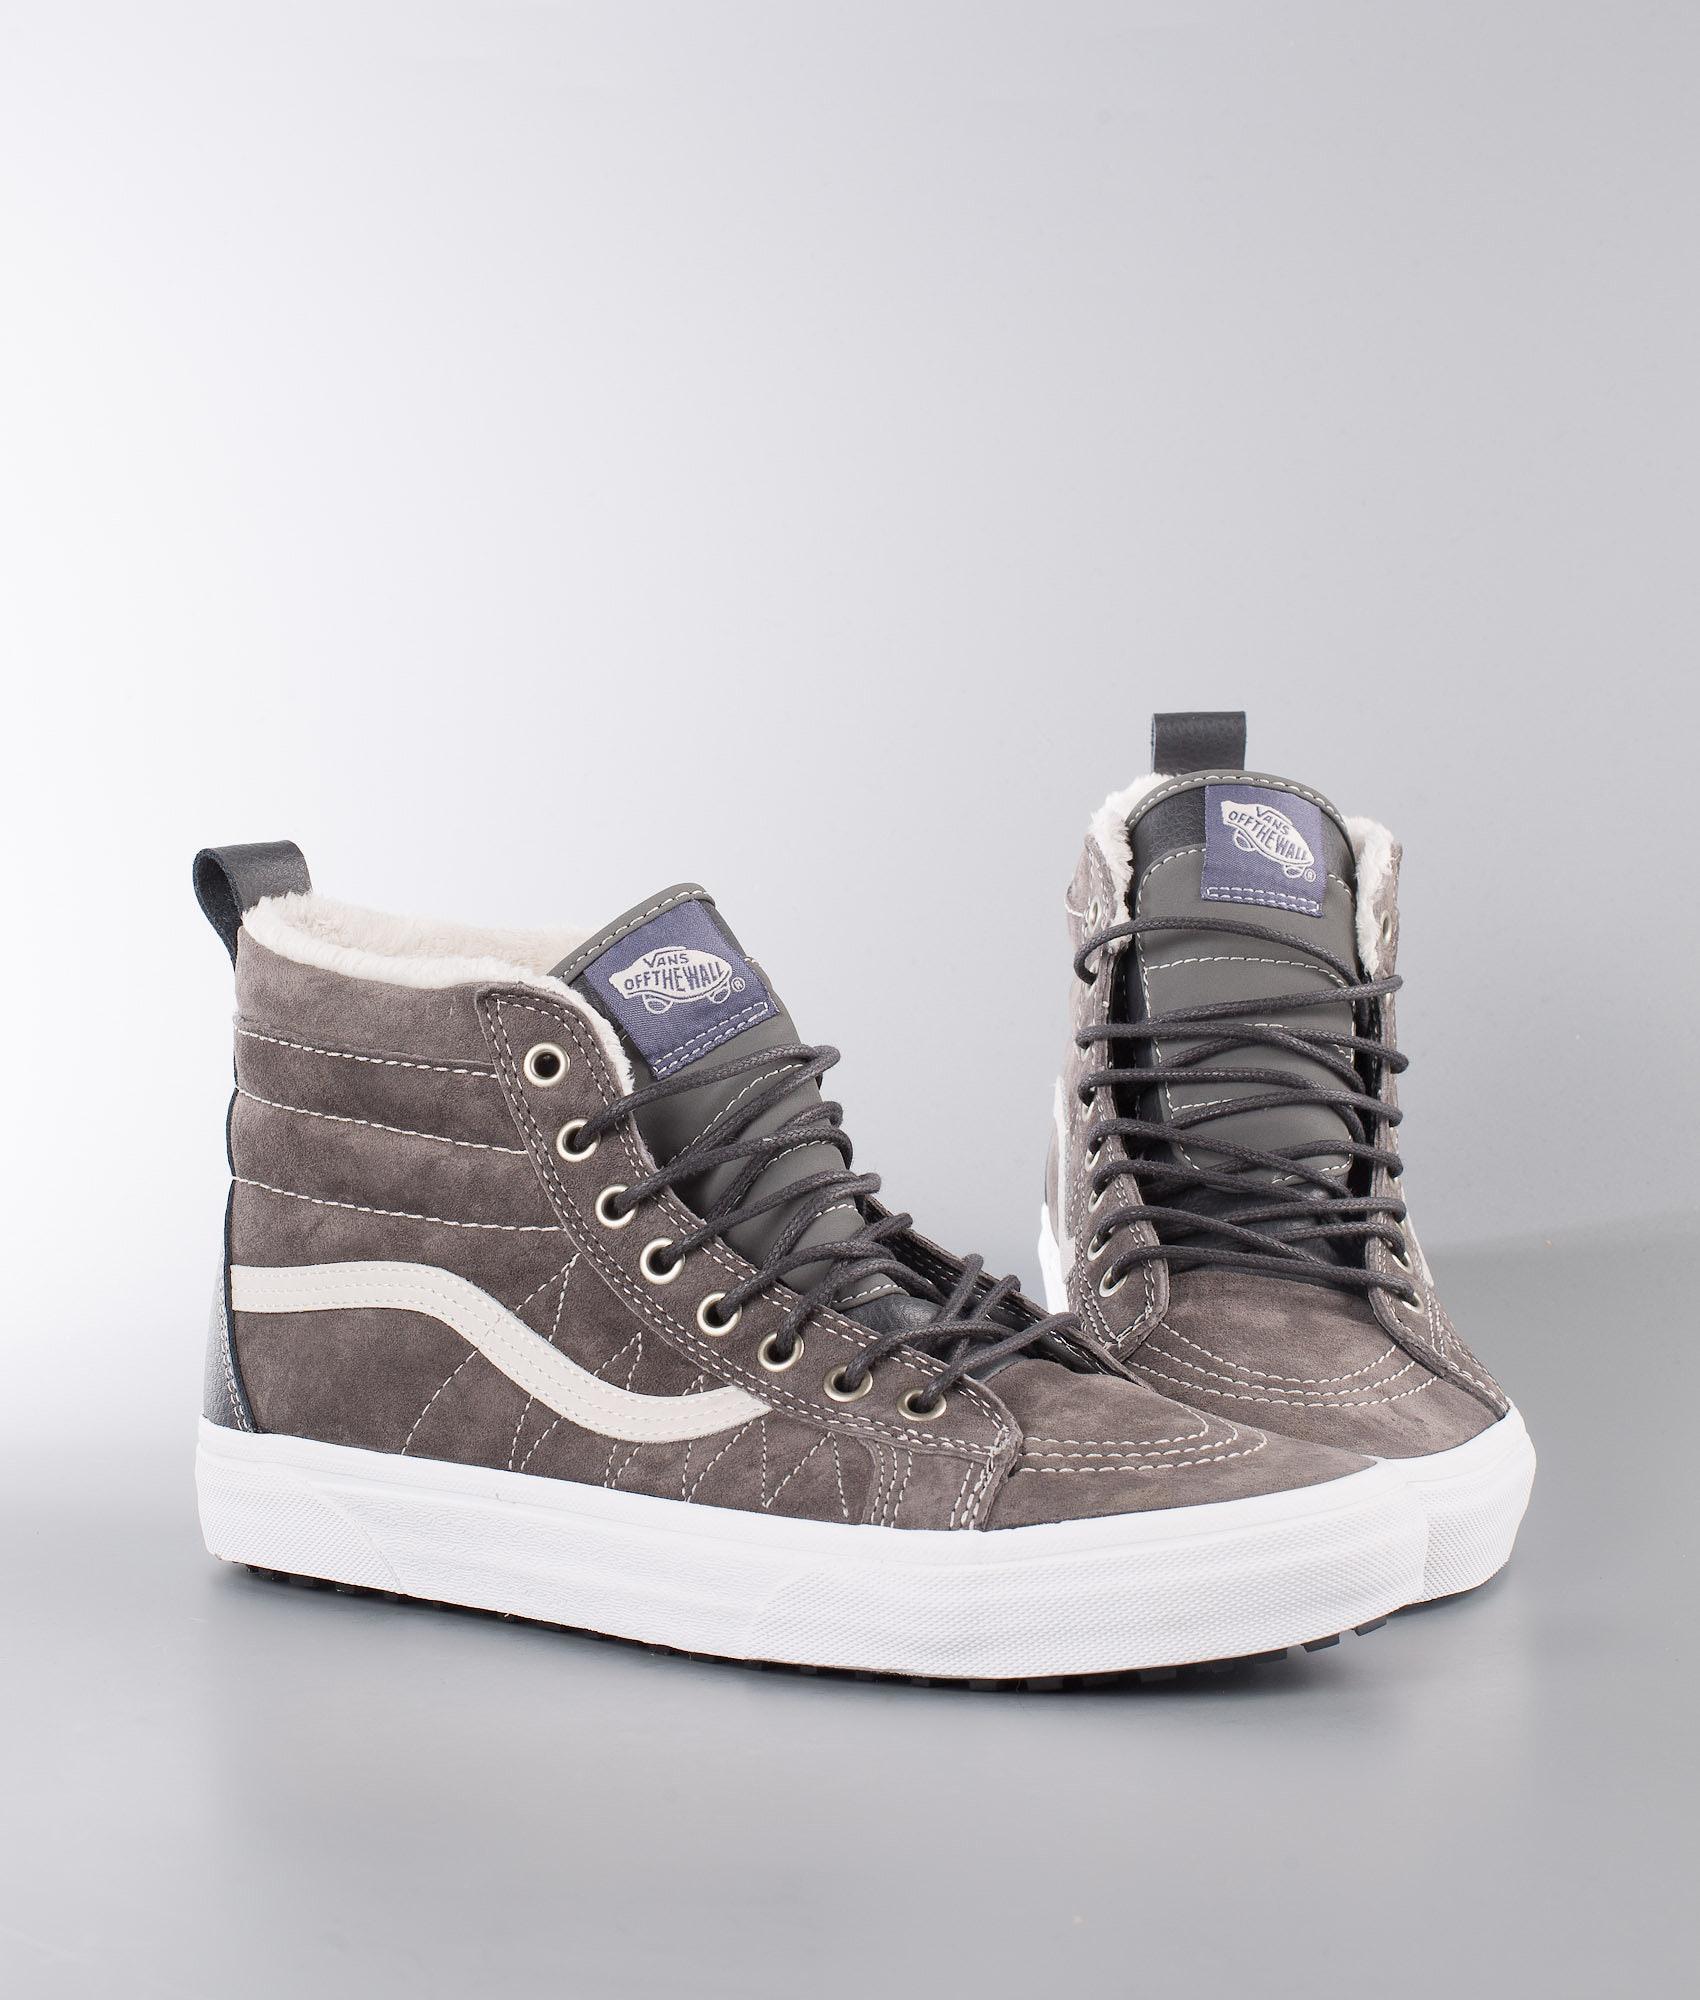 5520873f3d253 Vans Sk8-Hi Mte Shoes (Mte) Pewter/Asphalt